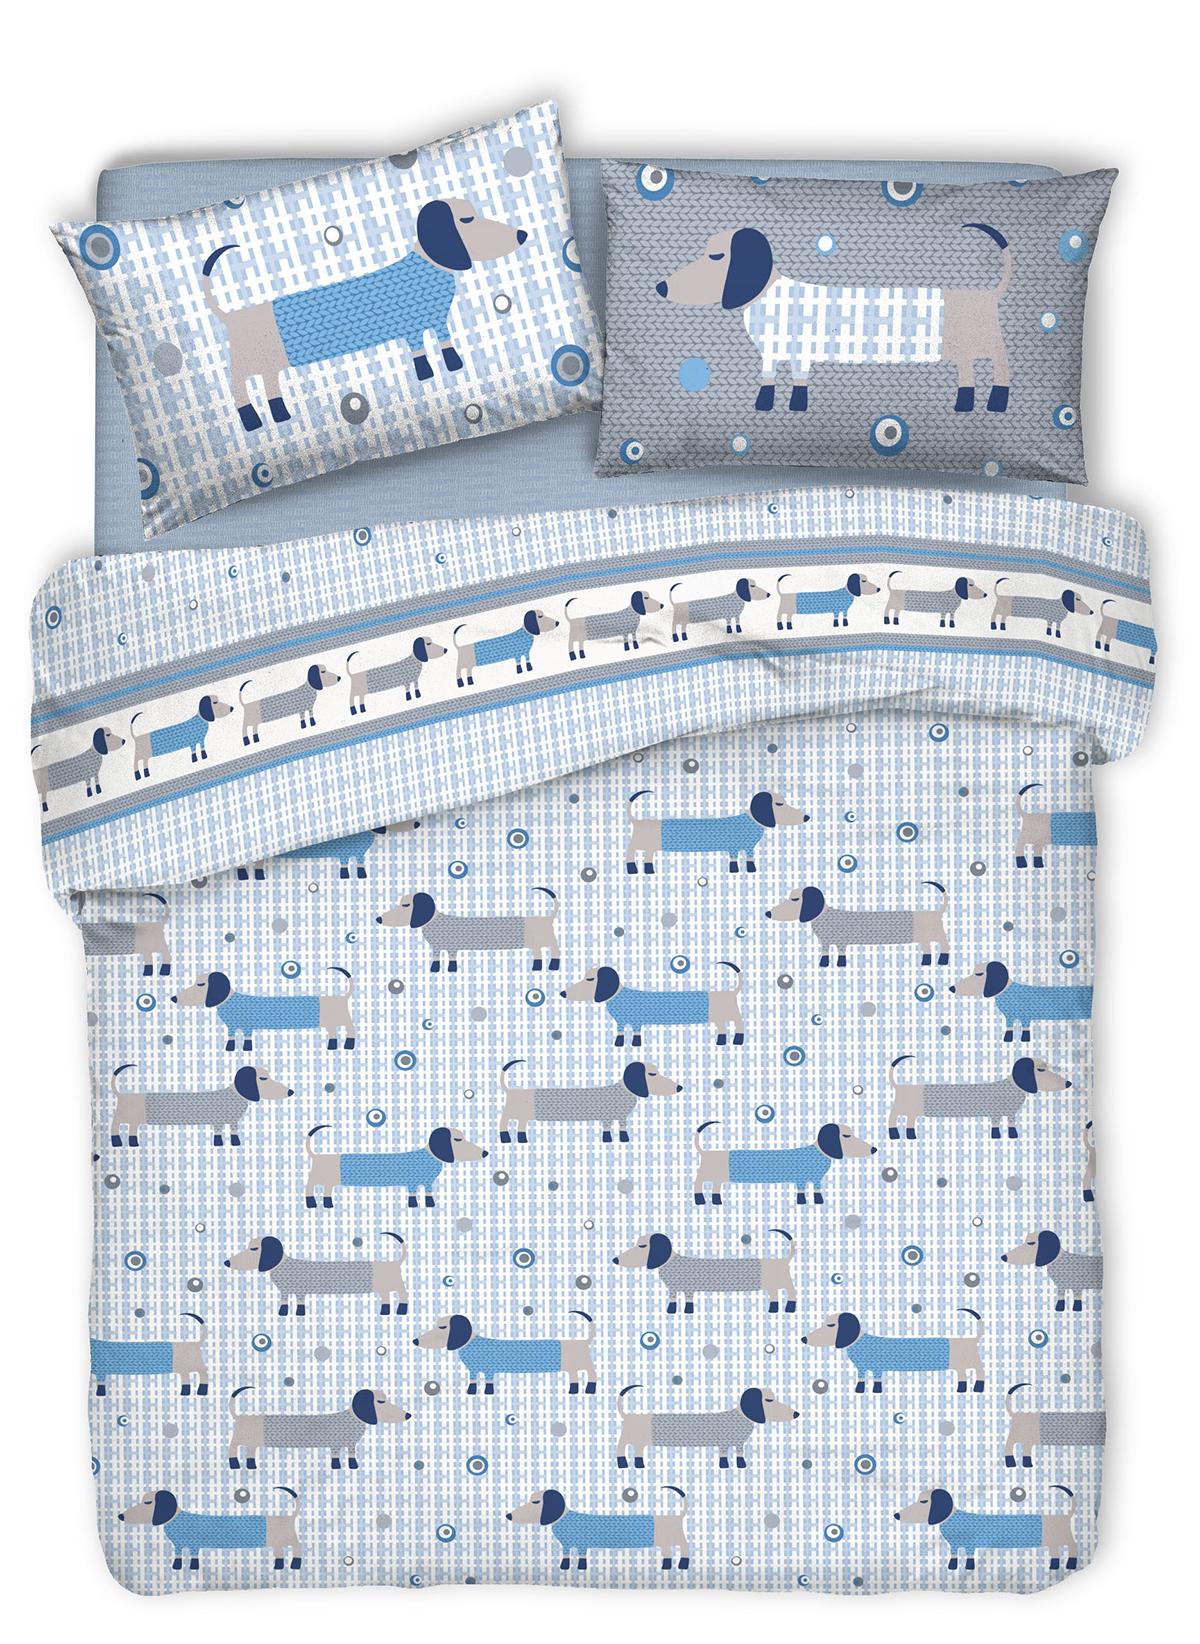 BASSOTTI - Parure da letto Azzurro